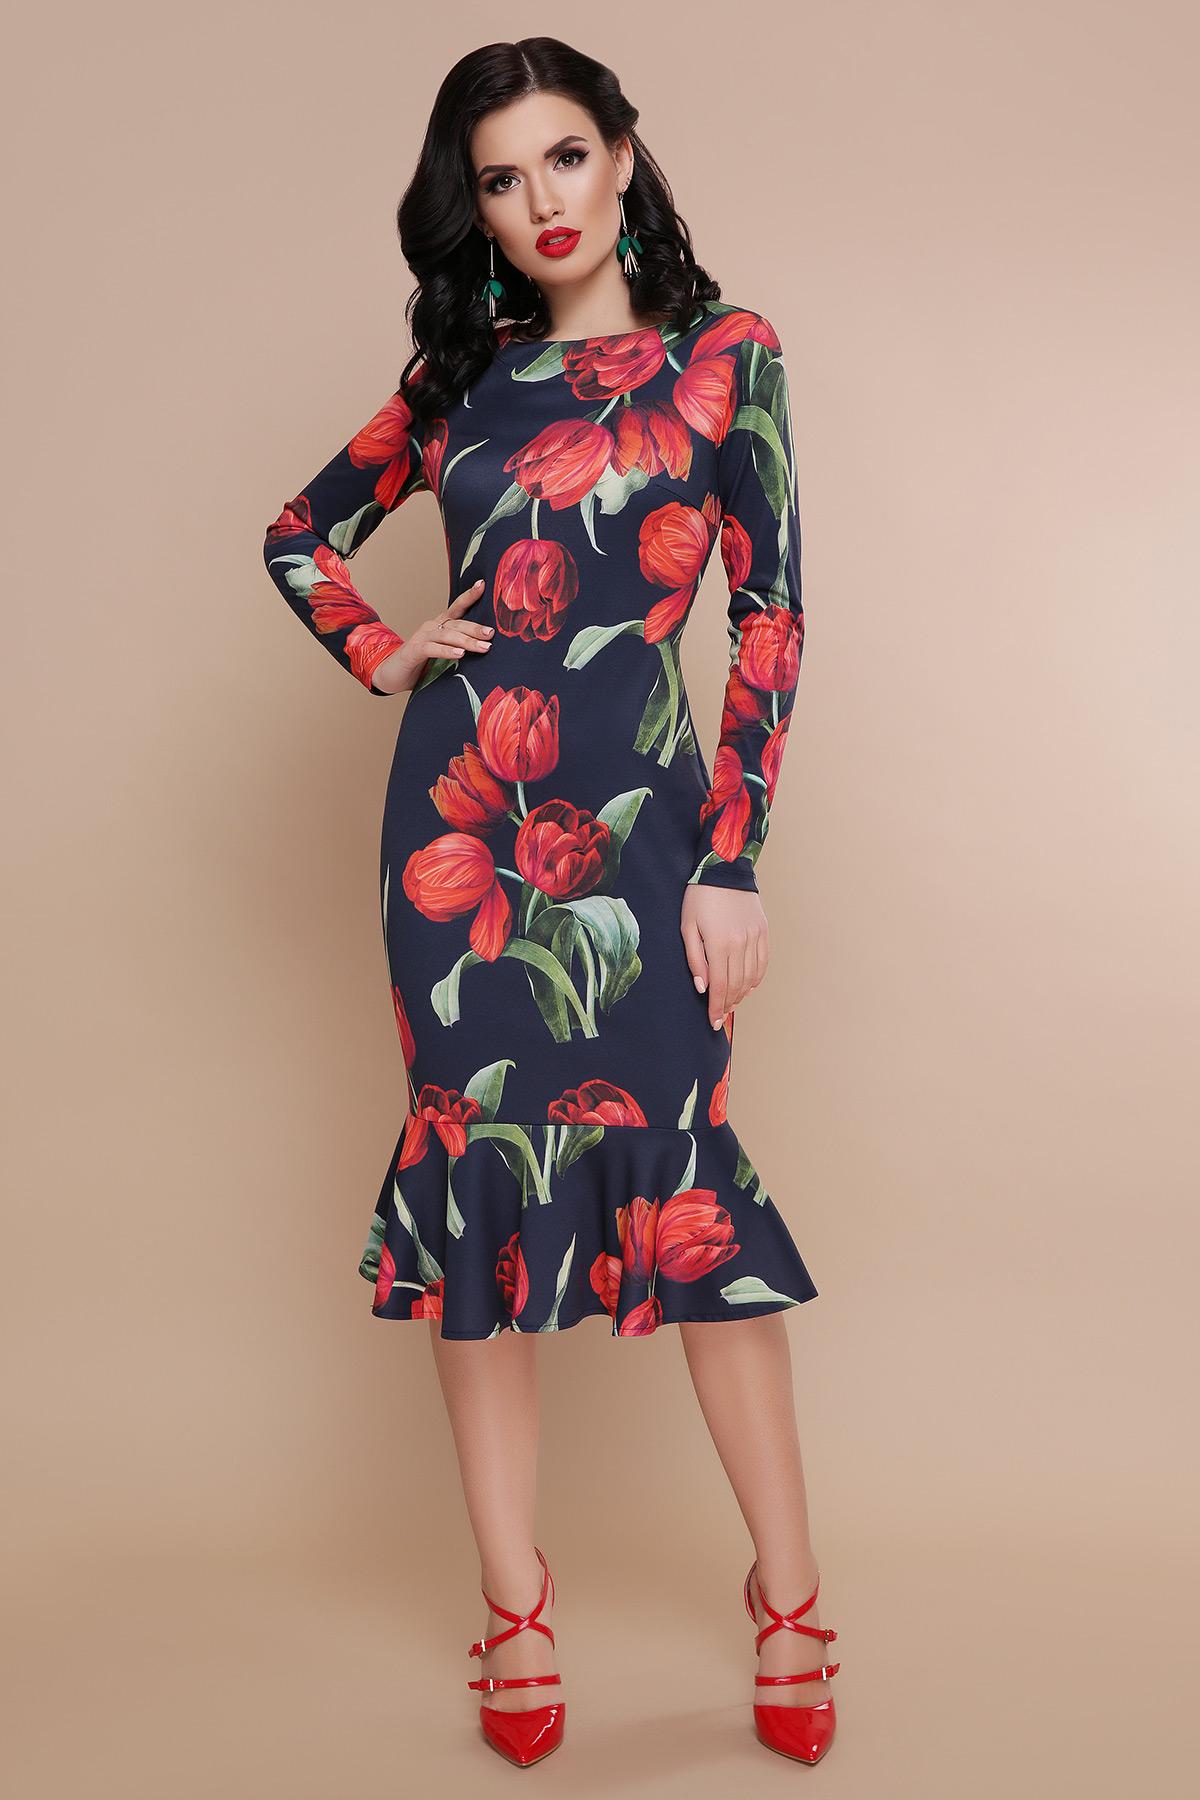 a15768f52dd ... Тюльпаны красные платье Фаина д р - черный . . Цвет  черный